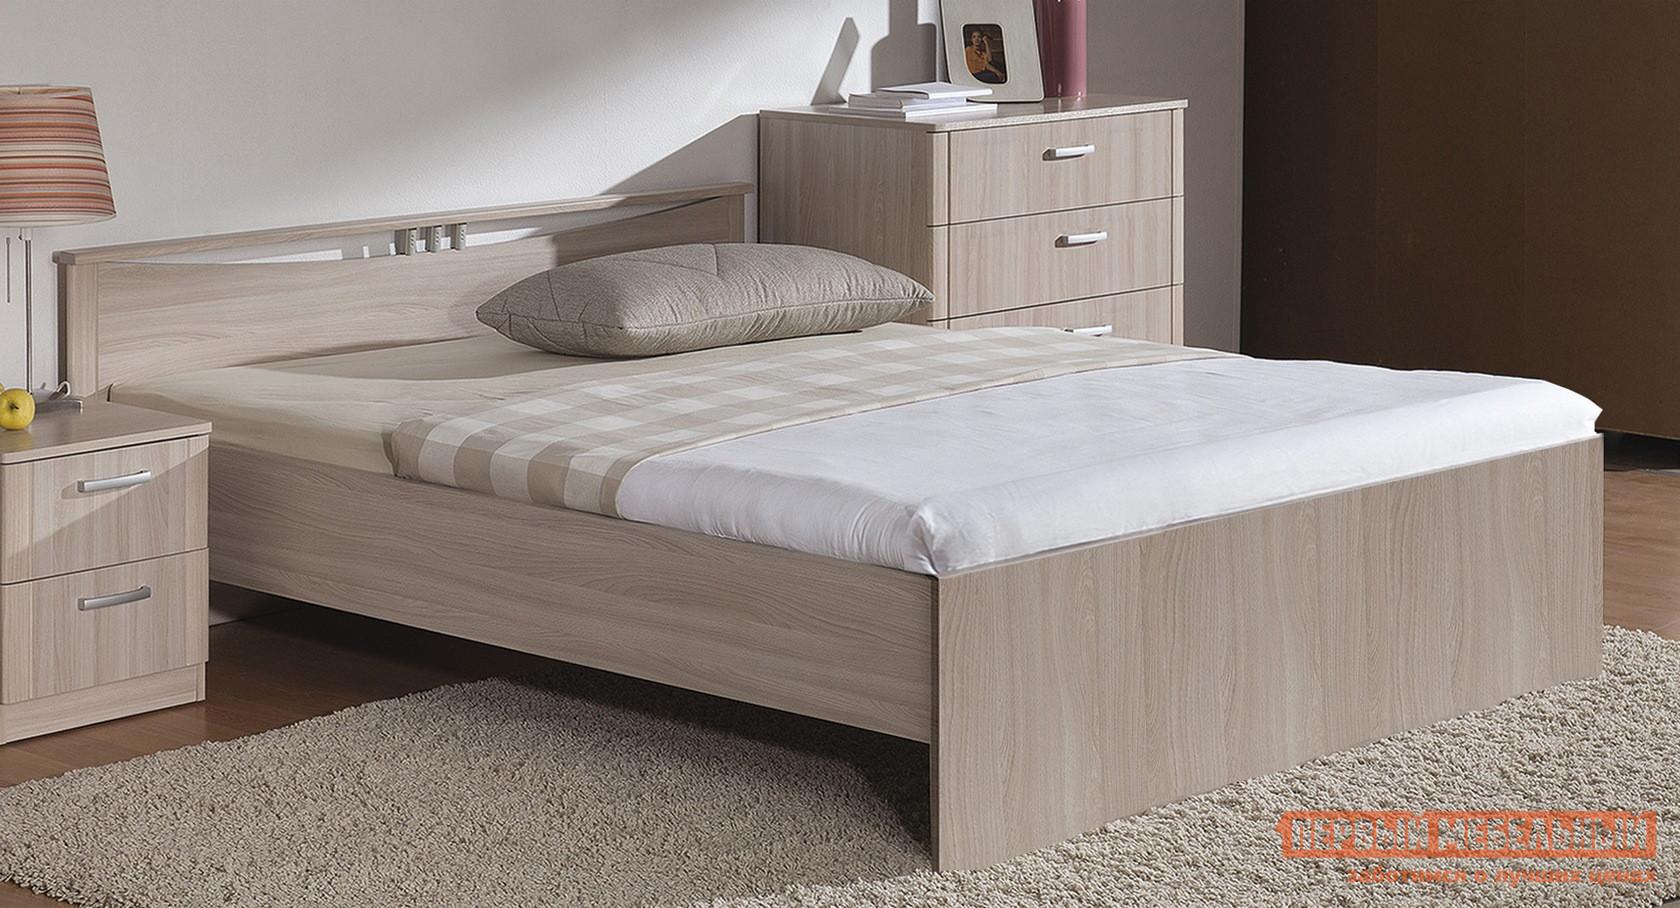 Кровать двуспальная из массива дерева Боровичи Мелисса кровать из массива дерева solid wood bed 1 21 51 8